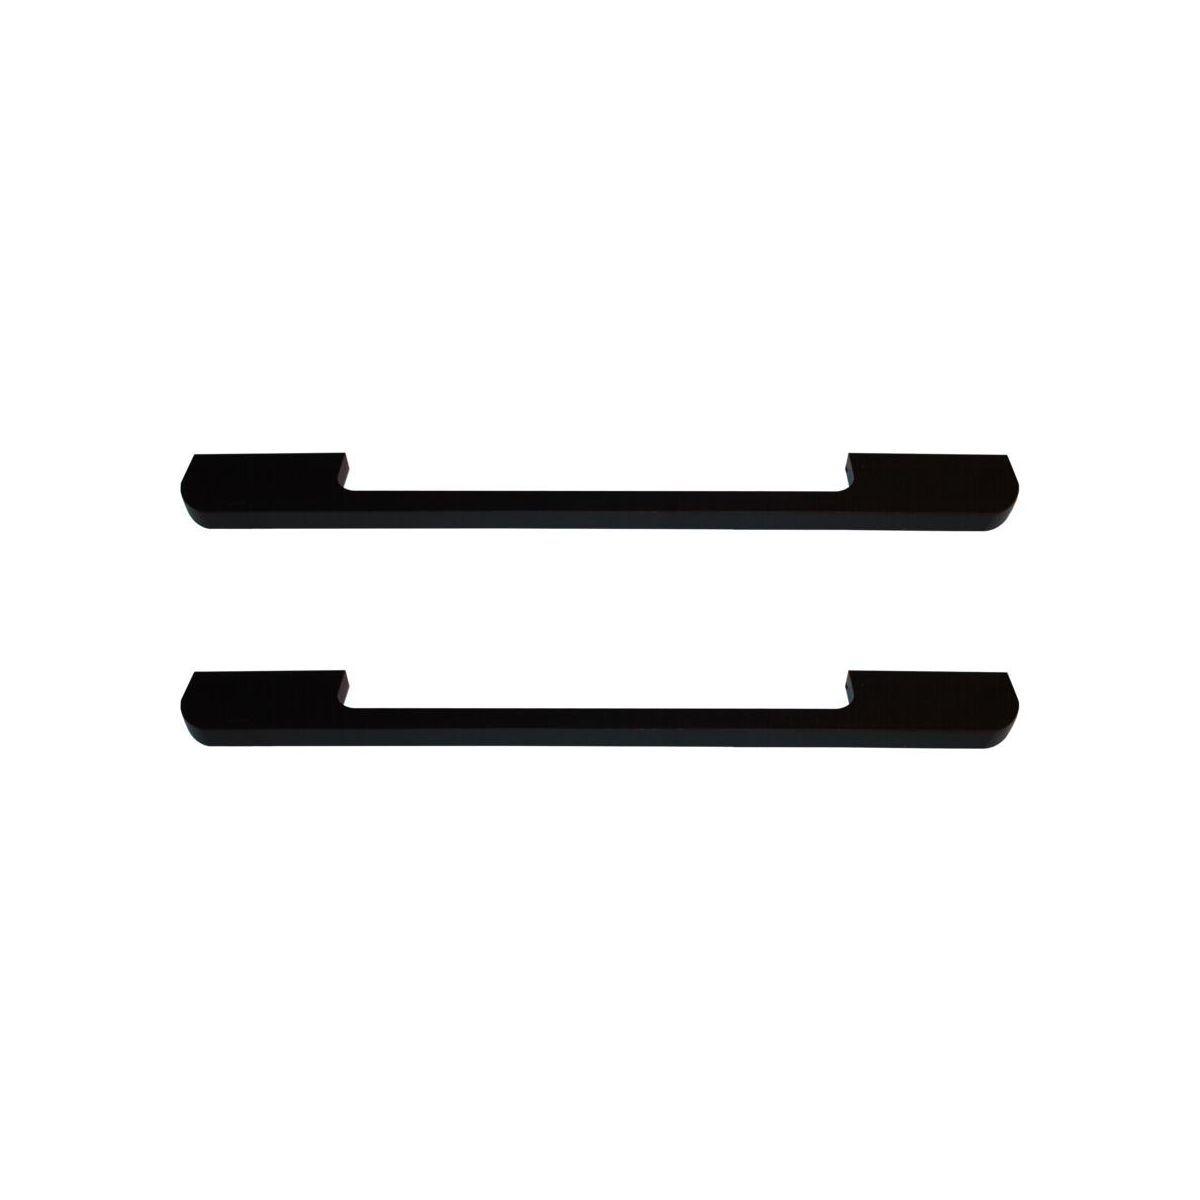 Uchwyt Meblowy Loft 256mm 2 Szt Delinia Uchwyty Meblowe Delinia W Atrakcyjnej Cenie W Sklepach Leroy Merlin Tech Company Logos Ibm Logo Company Logo